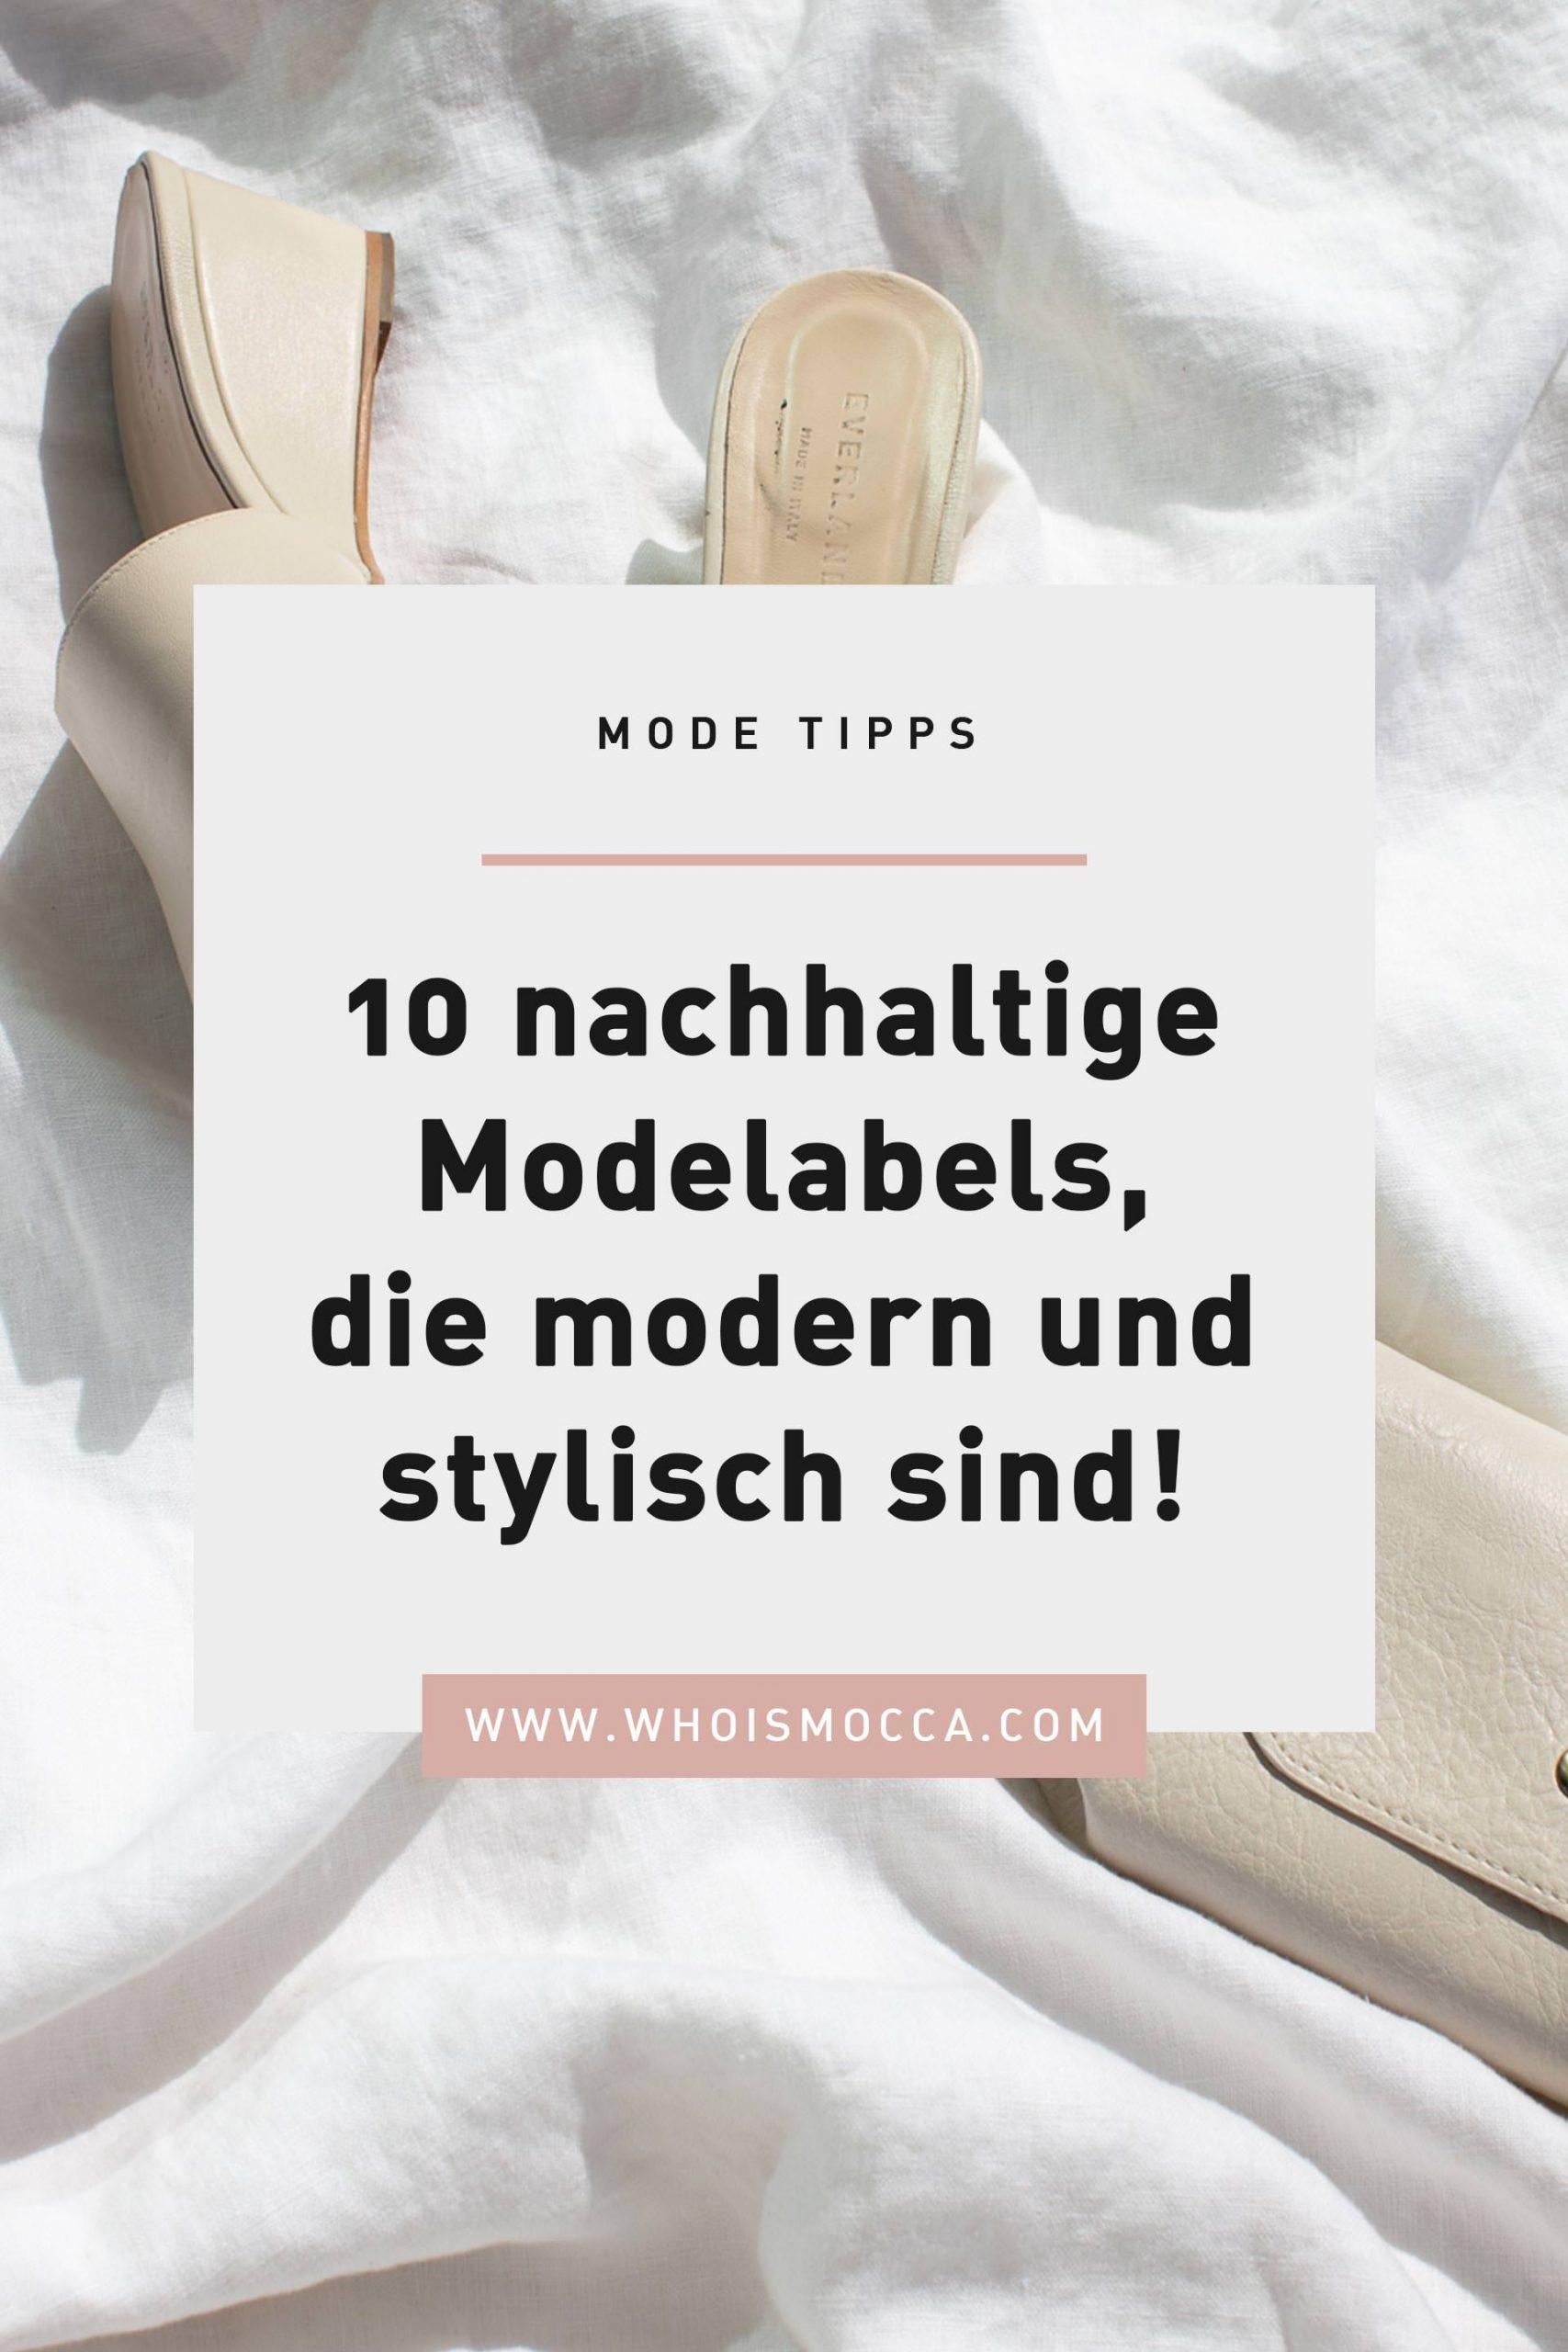 Auf meinem Modeblog zeige ich dir heute 10 nachhaltige Modelabels, die modern, stylisch und leistbar sind. Ich stelle dir 10 trendige Fair Fashion Marken vor, mit denen du eine wunderbare nachhaltige Capsule Wardrobe aufbauen kannst. www.whoismocca.com